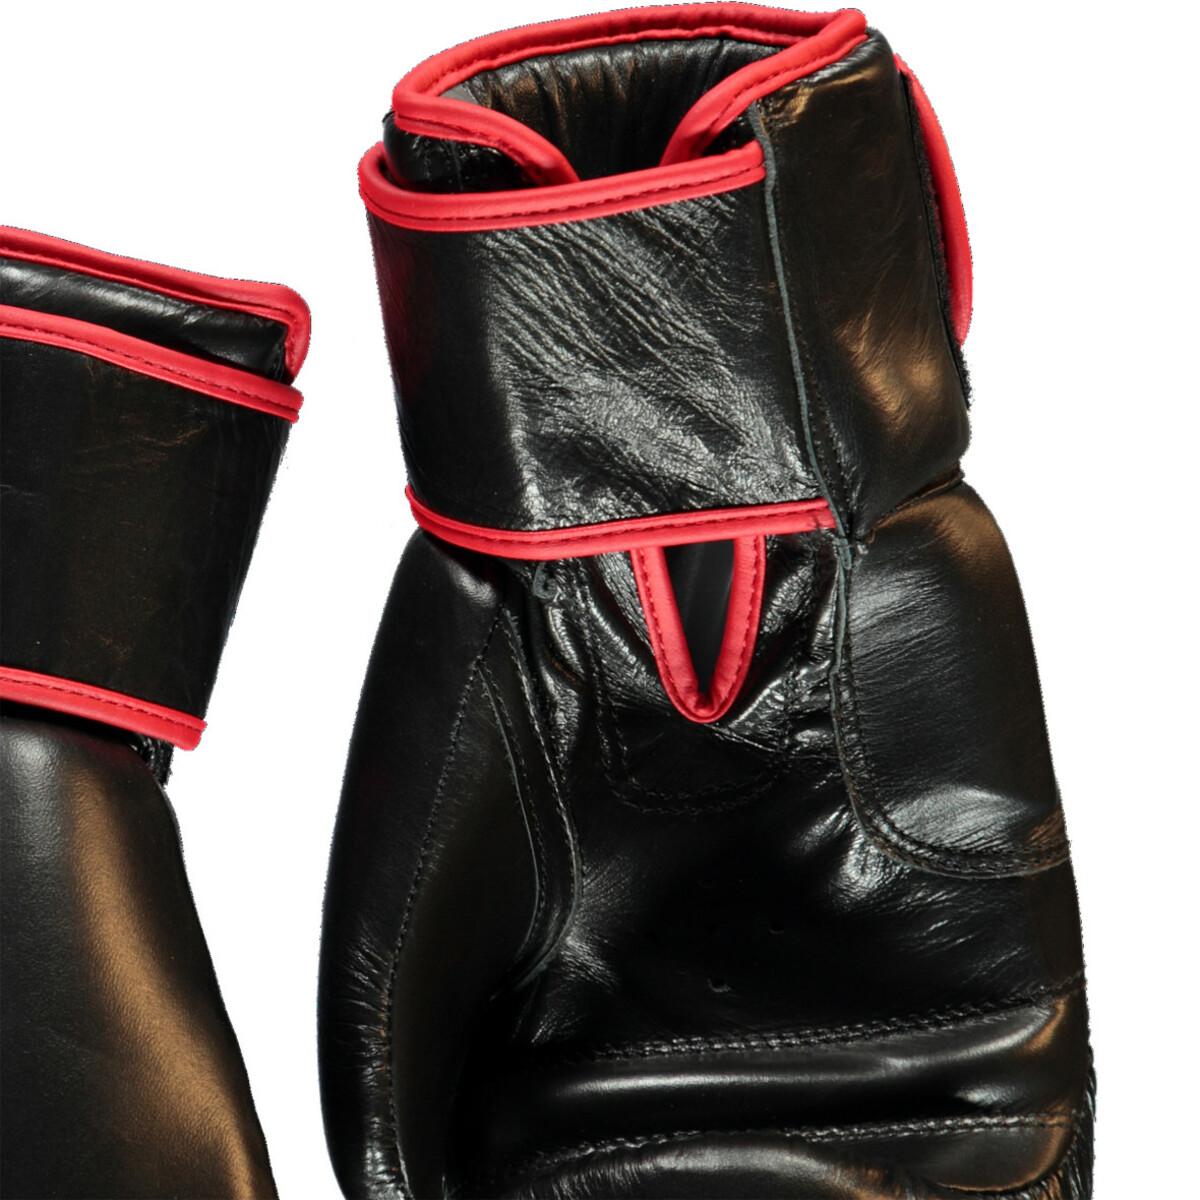 Bild 3 von Boxer Handschuhe